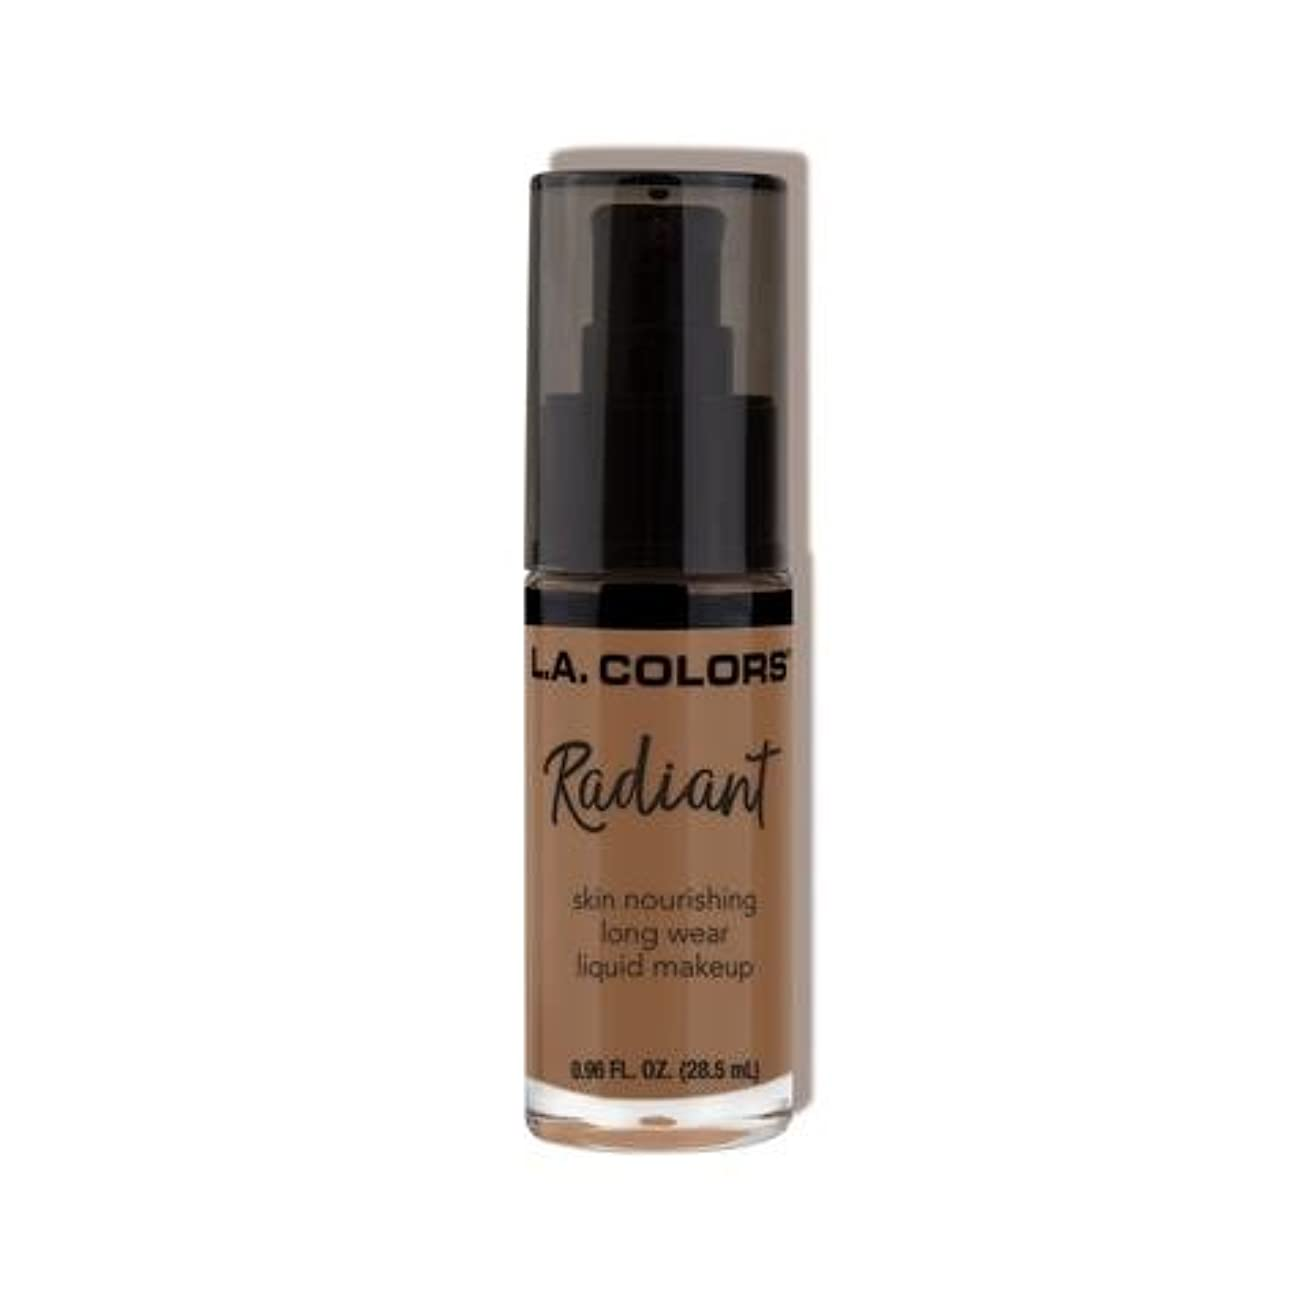 役に立たないカセット衝動(6 Pack) L.A. COLORS Radiant Liquid Makeup - Mocha (並行輸入品)